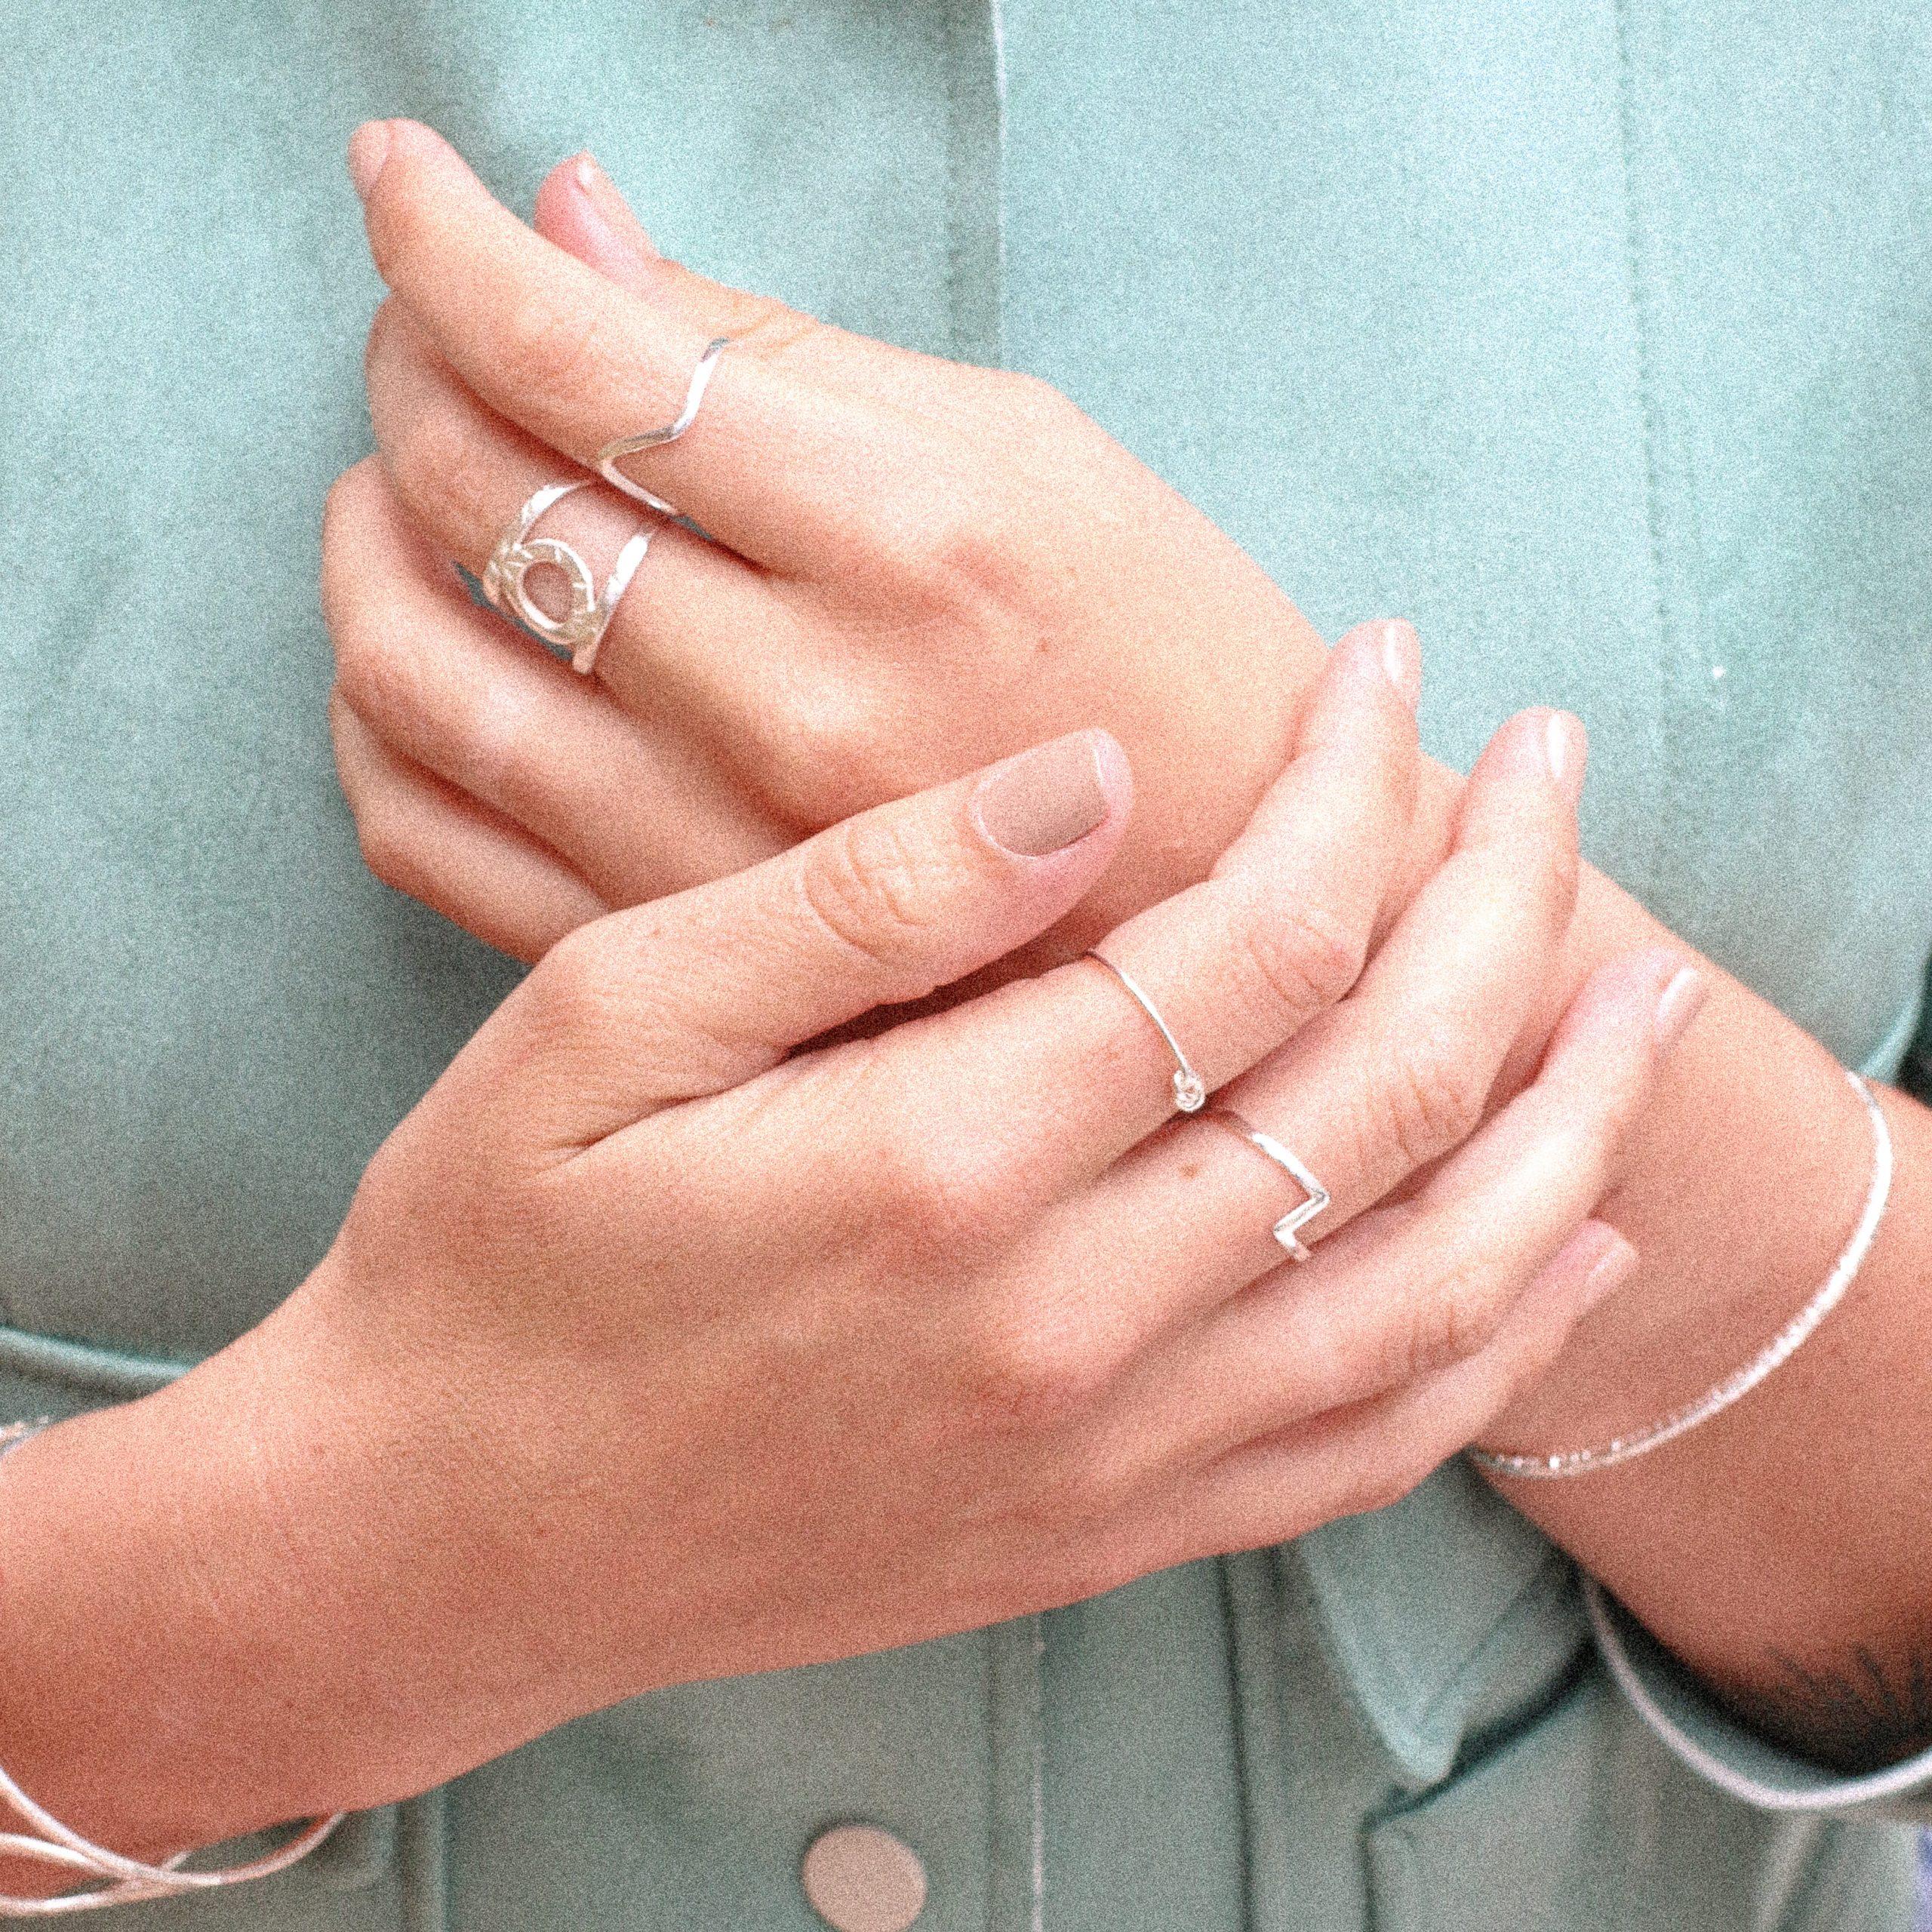 anillo de plata para chica, joyas para regalar a mi mejor amiga, anillos de plata para regalo, joyas marteliè barcelona, joyasmarket